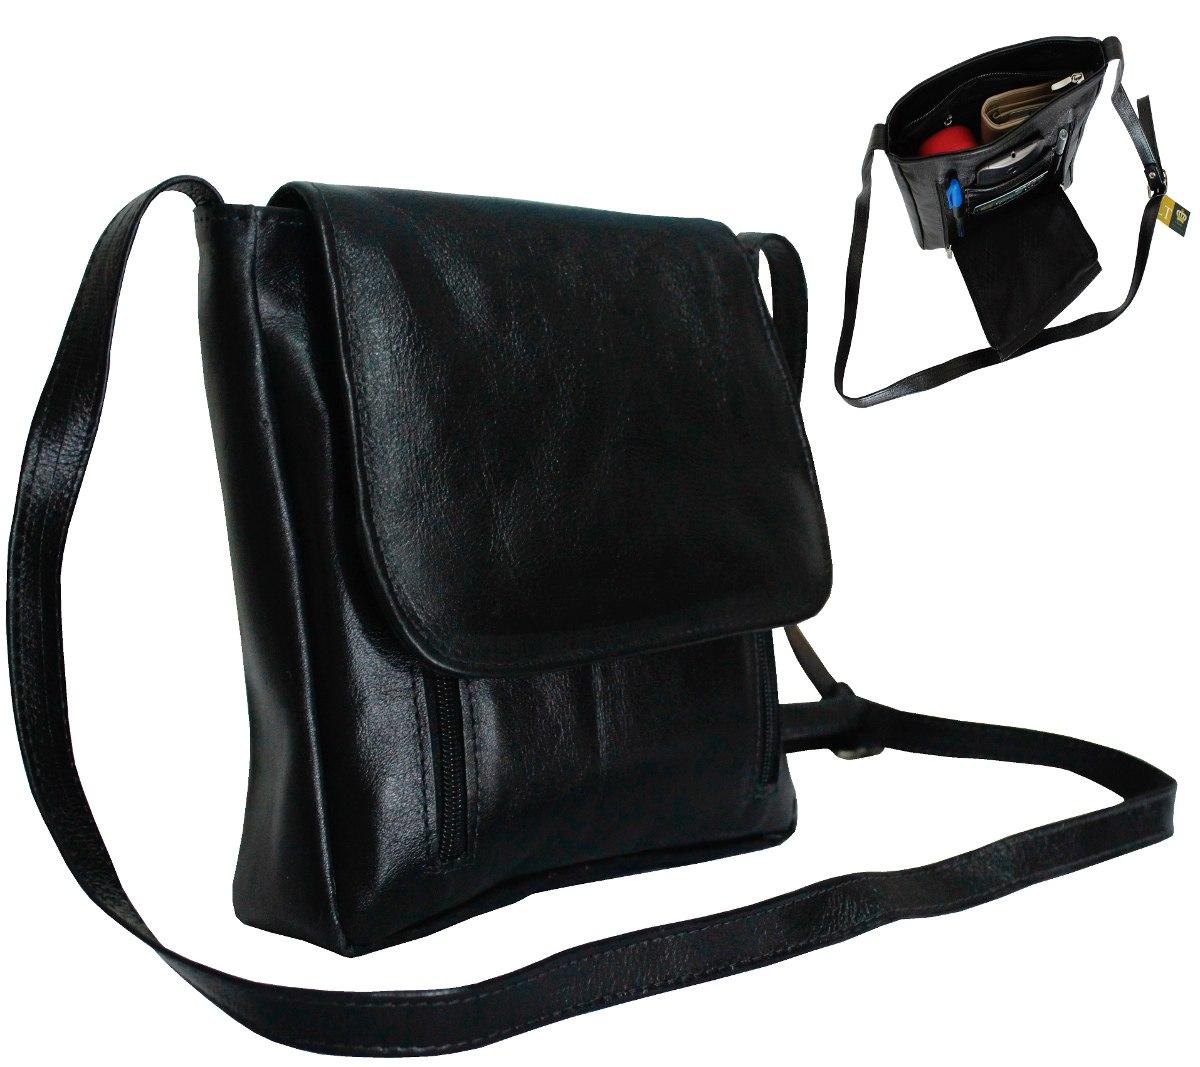 e48b583f0 bolsa transversal feminina, bolsa de couro legítimo preta. Carregando zoom.